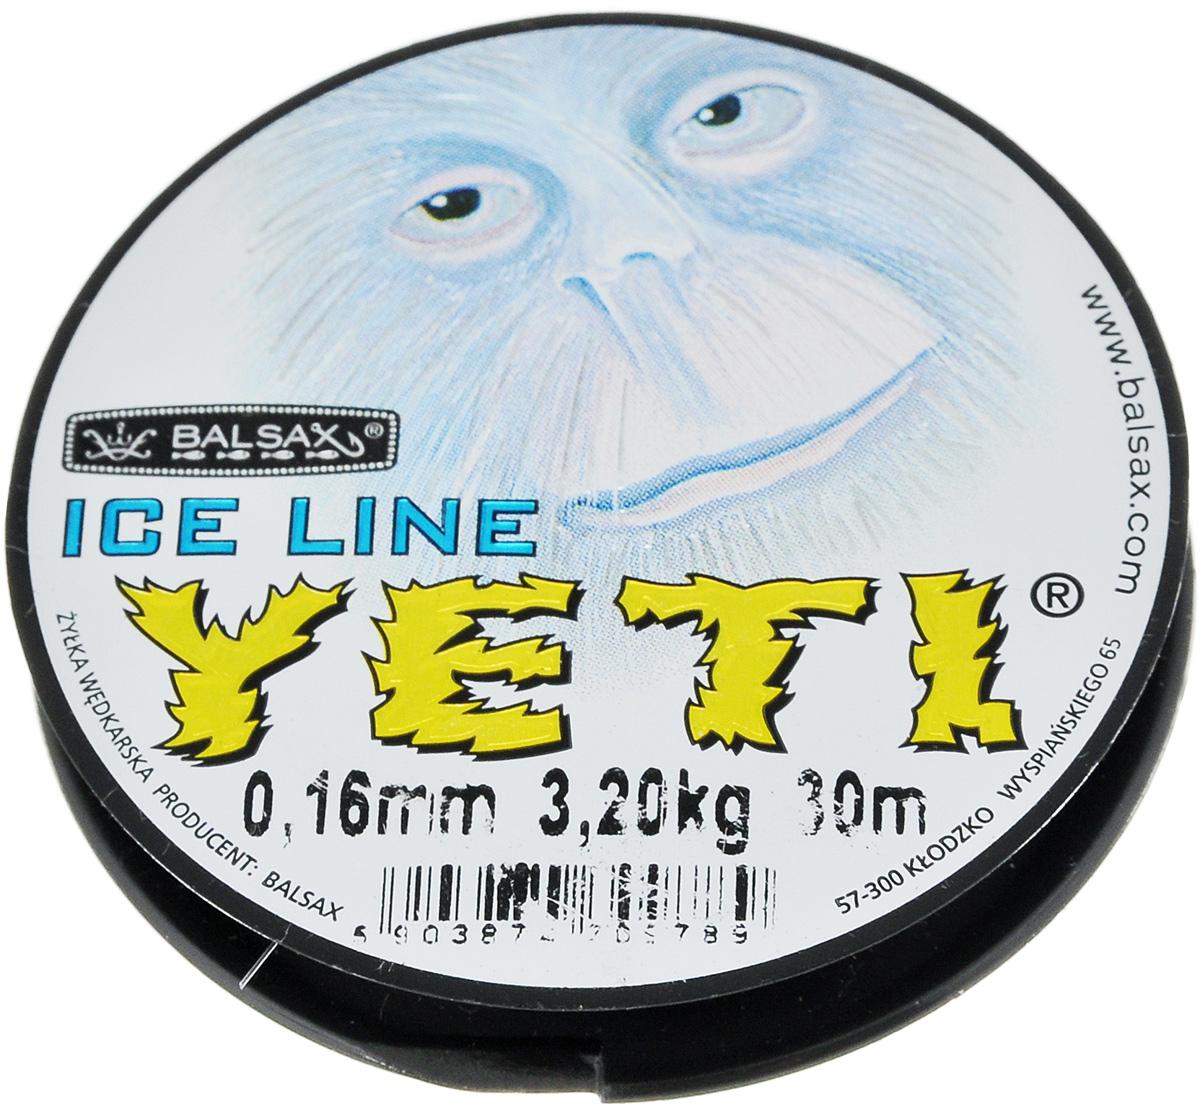 Леска зимняя Balsax Yeti, 30 м, 0,16 мм, 3,2 кг310-14016Леска зимняя Balsax Yeti изготовлена из 100% нейлона и очень хорошо выдерживает низкие температуры. Поверхность лески обработана таким образом, что она не обмерзает и отлично подходит для подледного лова. Прочна в местах вязки узлов даже при минимальном диаметре.